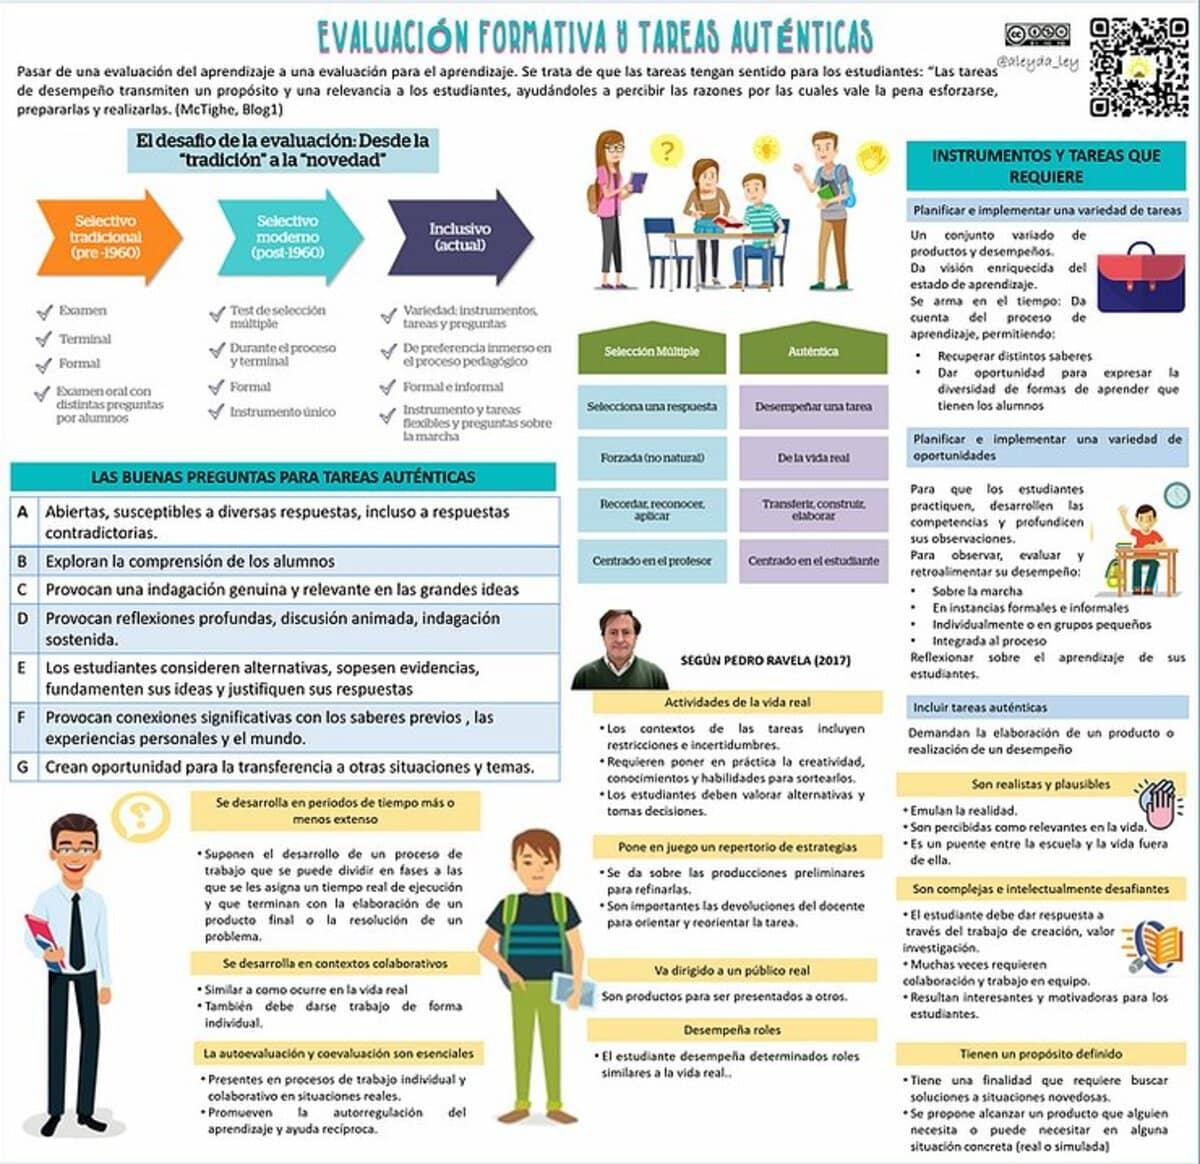 Evaluación Formativa - Enfoque, Criterios y Tareas Auténticas 3